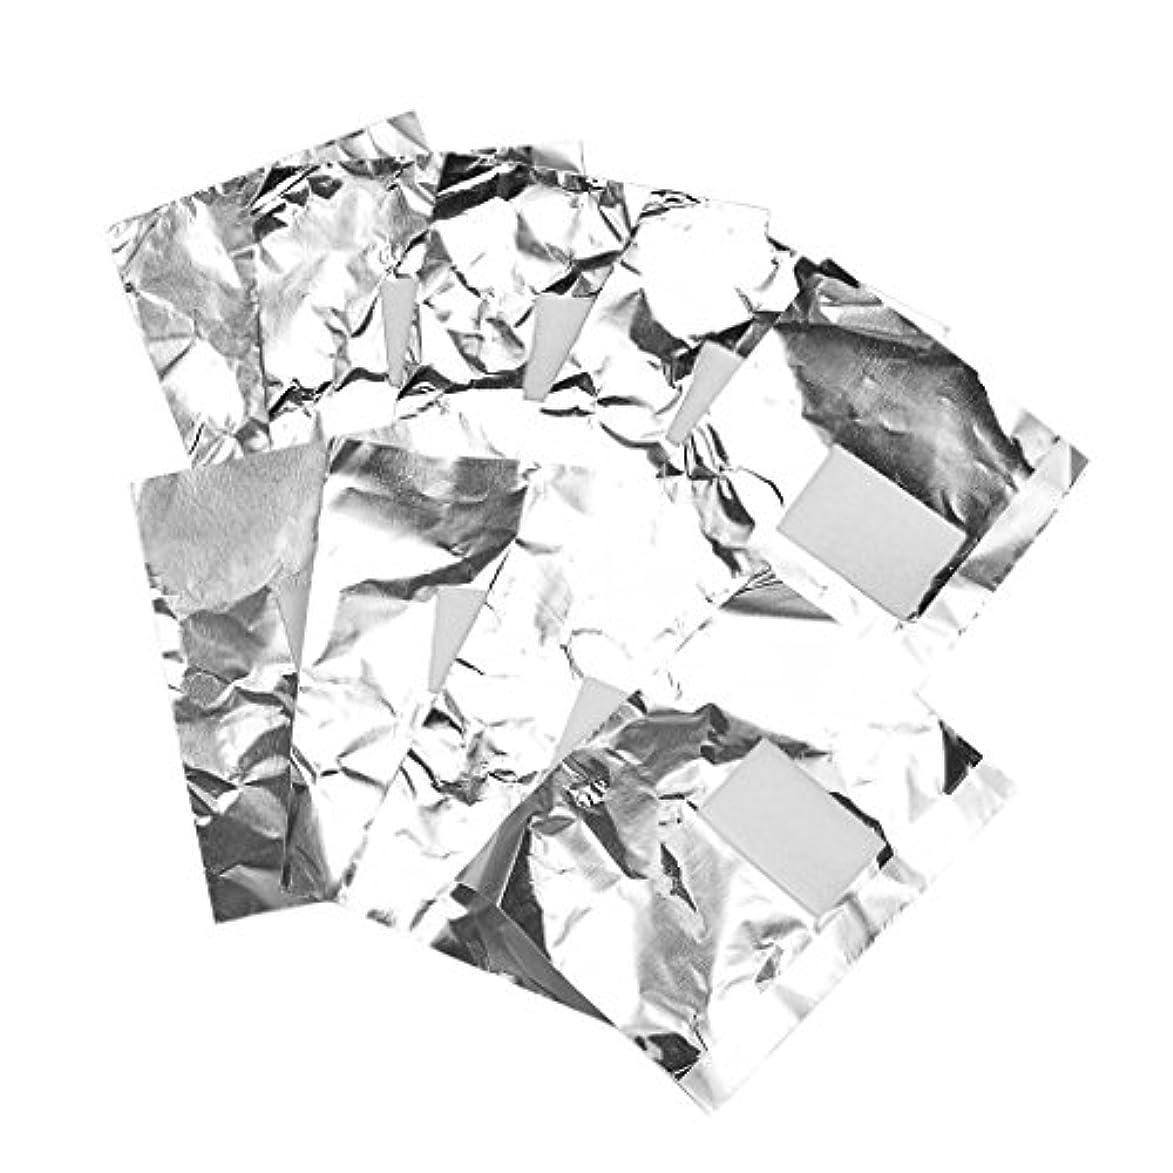 大使寄生虫雑種Perfk 約100枚 ジェル除却 ネイルアート 錫箔紙 のり除却可能 ネイルオイル クリーナーツール 爪装飾除き 包み紙